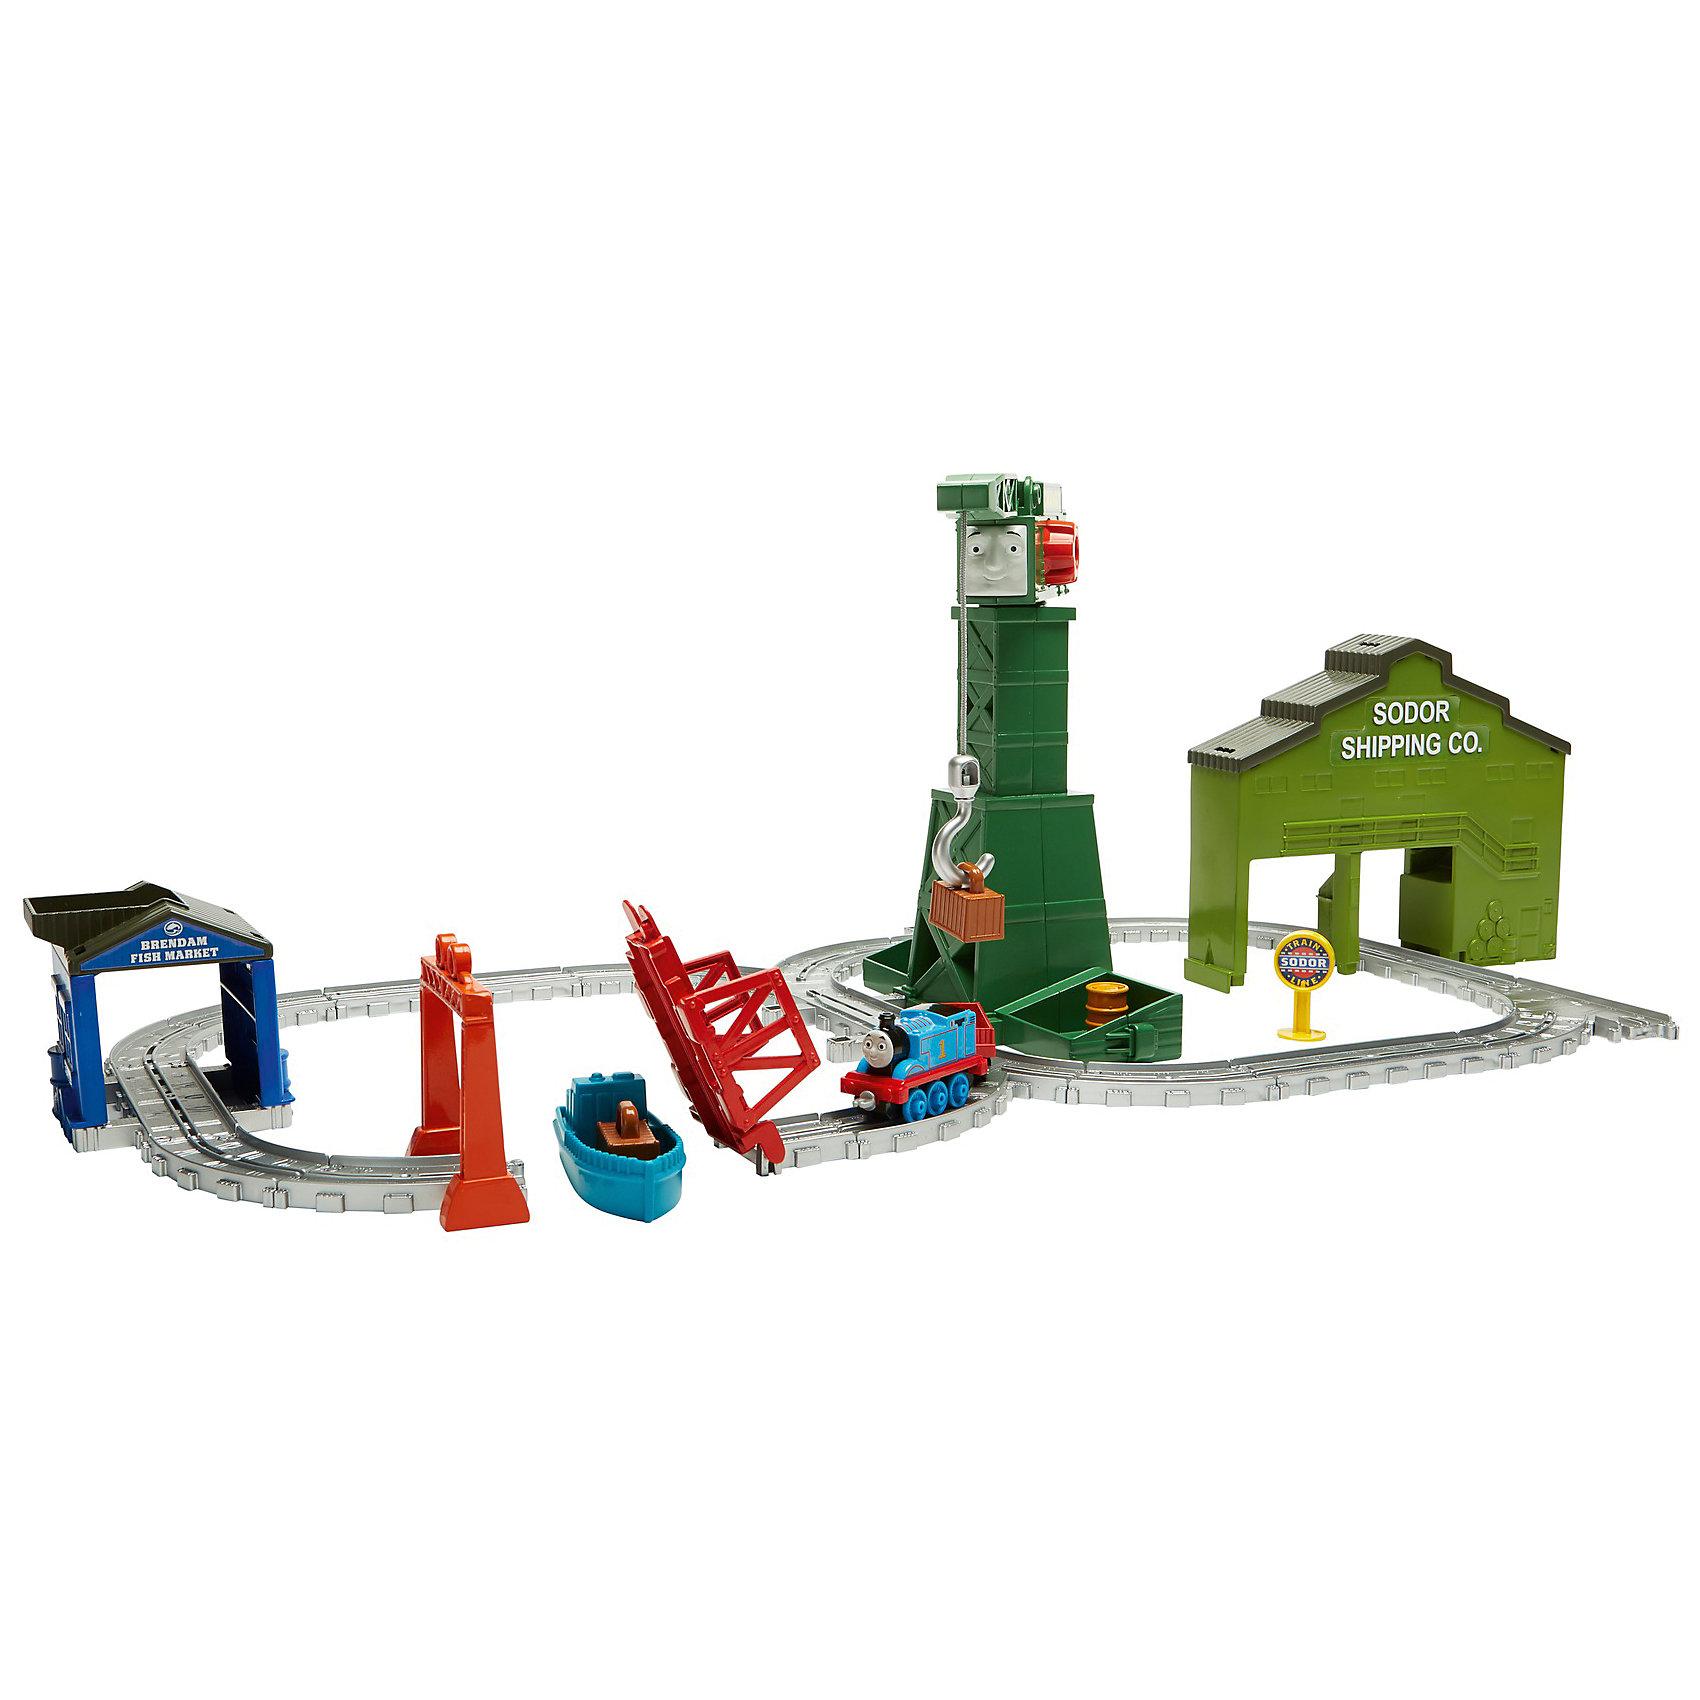 Переносной игровой набор Томас и его друзья Крэнки на причалеИгрушечная железная дорога<br>Характеристики товара:<br><br>• возраст: от 3 лет<br>• материал: пластик;<br>• в комплекте: кораблик и разводной мост.<br>• размер упаковки: 28X42X6,5 см;<br>• страна бренда: США<br>• страна изготовоитель: Китай<br><br>С игрушками серии «Приключения Томаса и его друзей™» ваш малыш отправится с Томасом туда, куда укажет его воображение! <br><br>Крэнки — один из самых популярных персонажей мультфильма «Томас и его друзья»! Он умеет вращаться на 360 градусов, а также поднимать и опускать грузы своим краном. <br><br>Пусть малыш поможет Крэнки и Томасу выполнить работу в доках Brendam Docks. <br><br>Переносной игровой набор Томас и его друзья Крэнки на причале можно купить в нашем интернет-магазине.<br><br>Ширина мм: 490<br>Глубина мм: 332<br>Высота мм: 76<br>Вес г: 1144<br>Возраст от месяцев: 36<br>Возраст до месяцев: 60<br>Пол: Унисекс<br>Возраст: Детский<br>SKU: 6838624